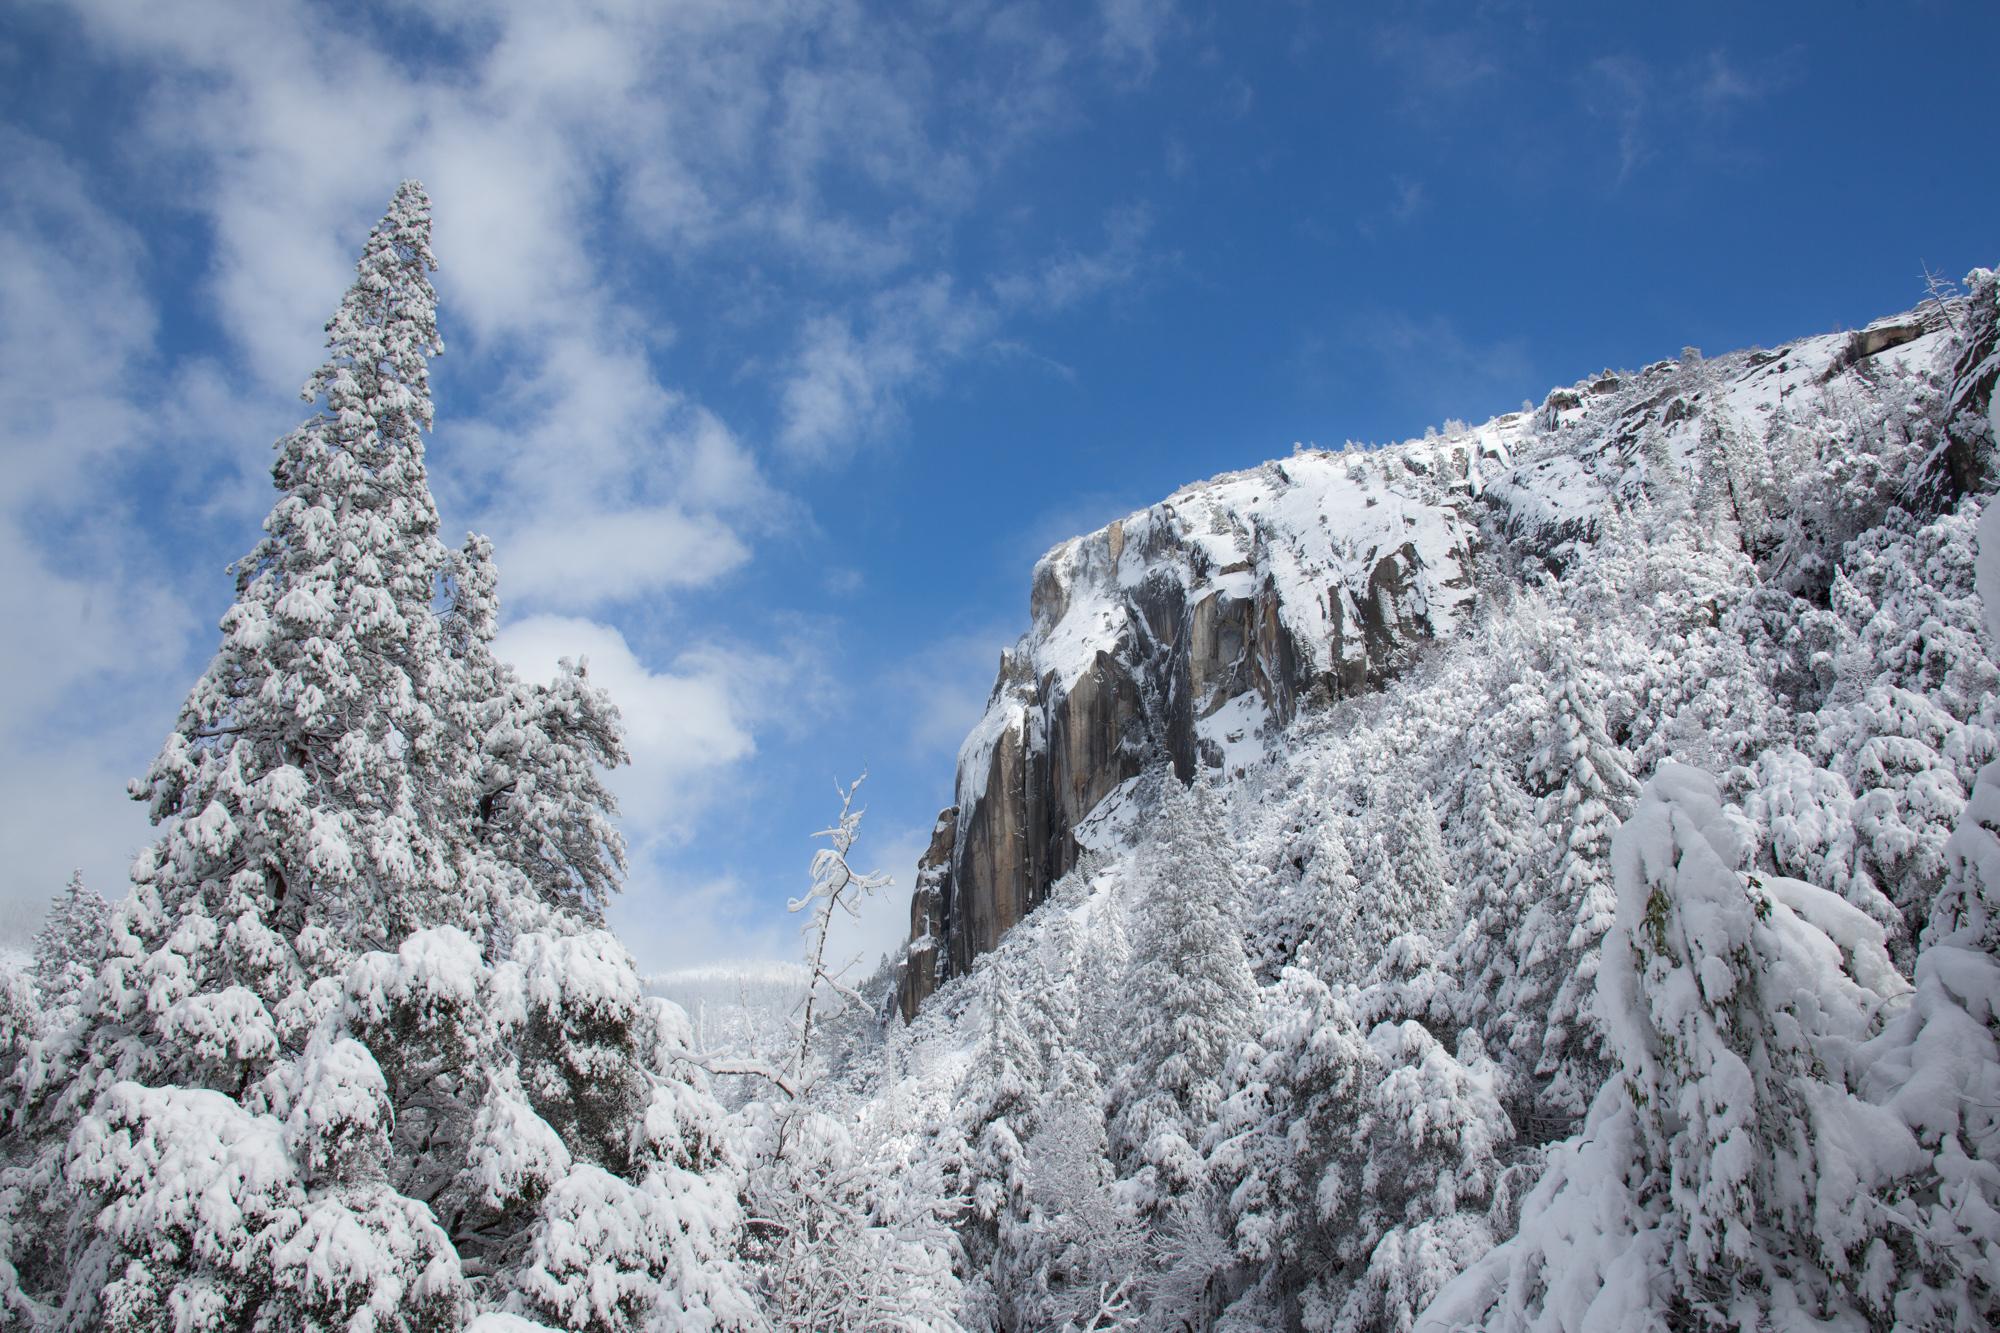 2019-02 Yosemite-30.jpg